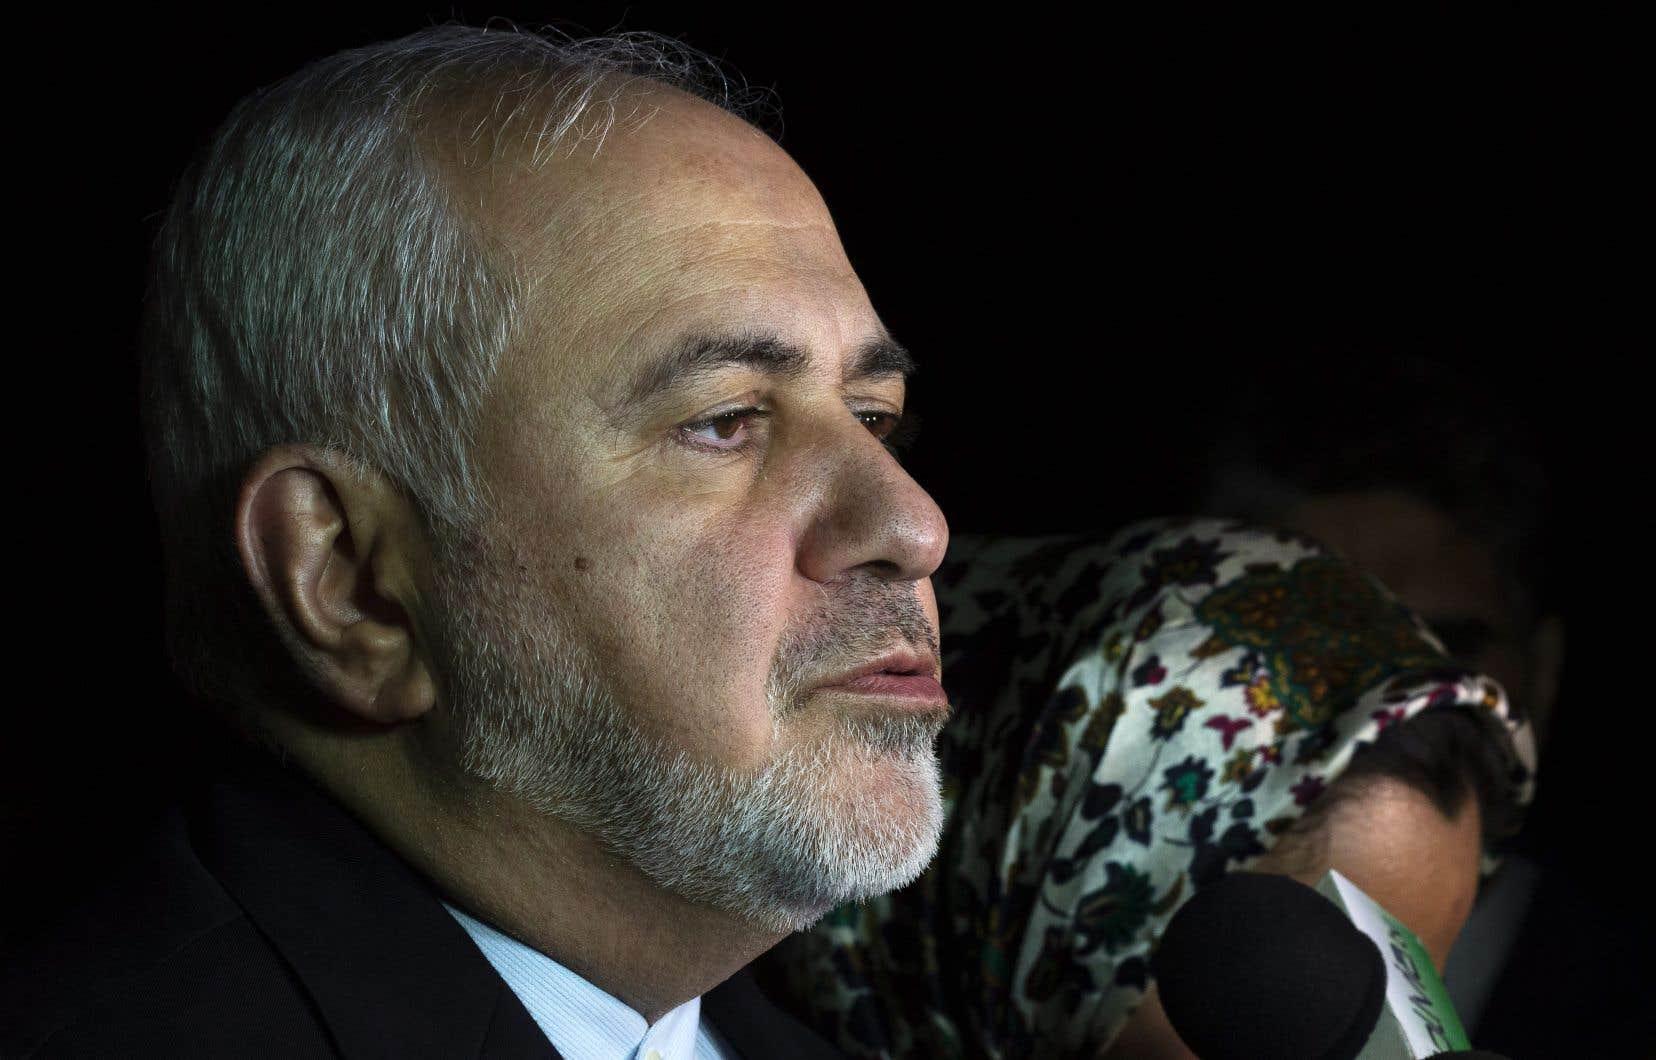 Le ministre des Afffaires étrangères de l'Iran, Mohammad Javad Zarif, lors d'une visite en Bolivie le 23 juillet dernier